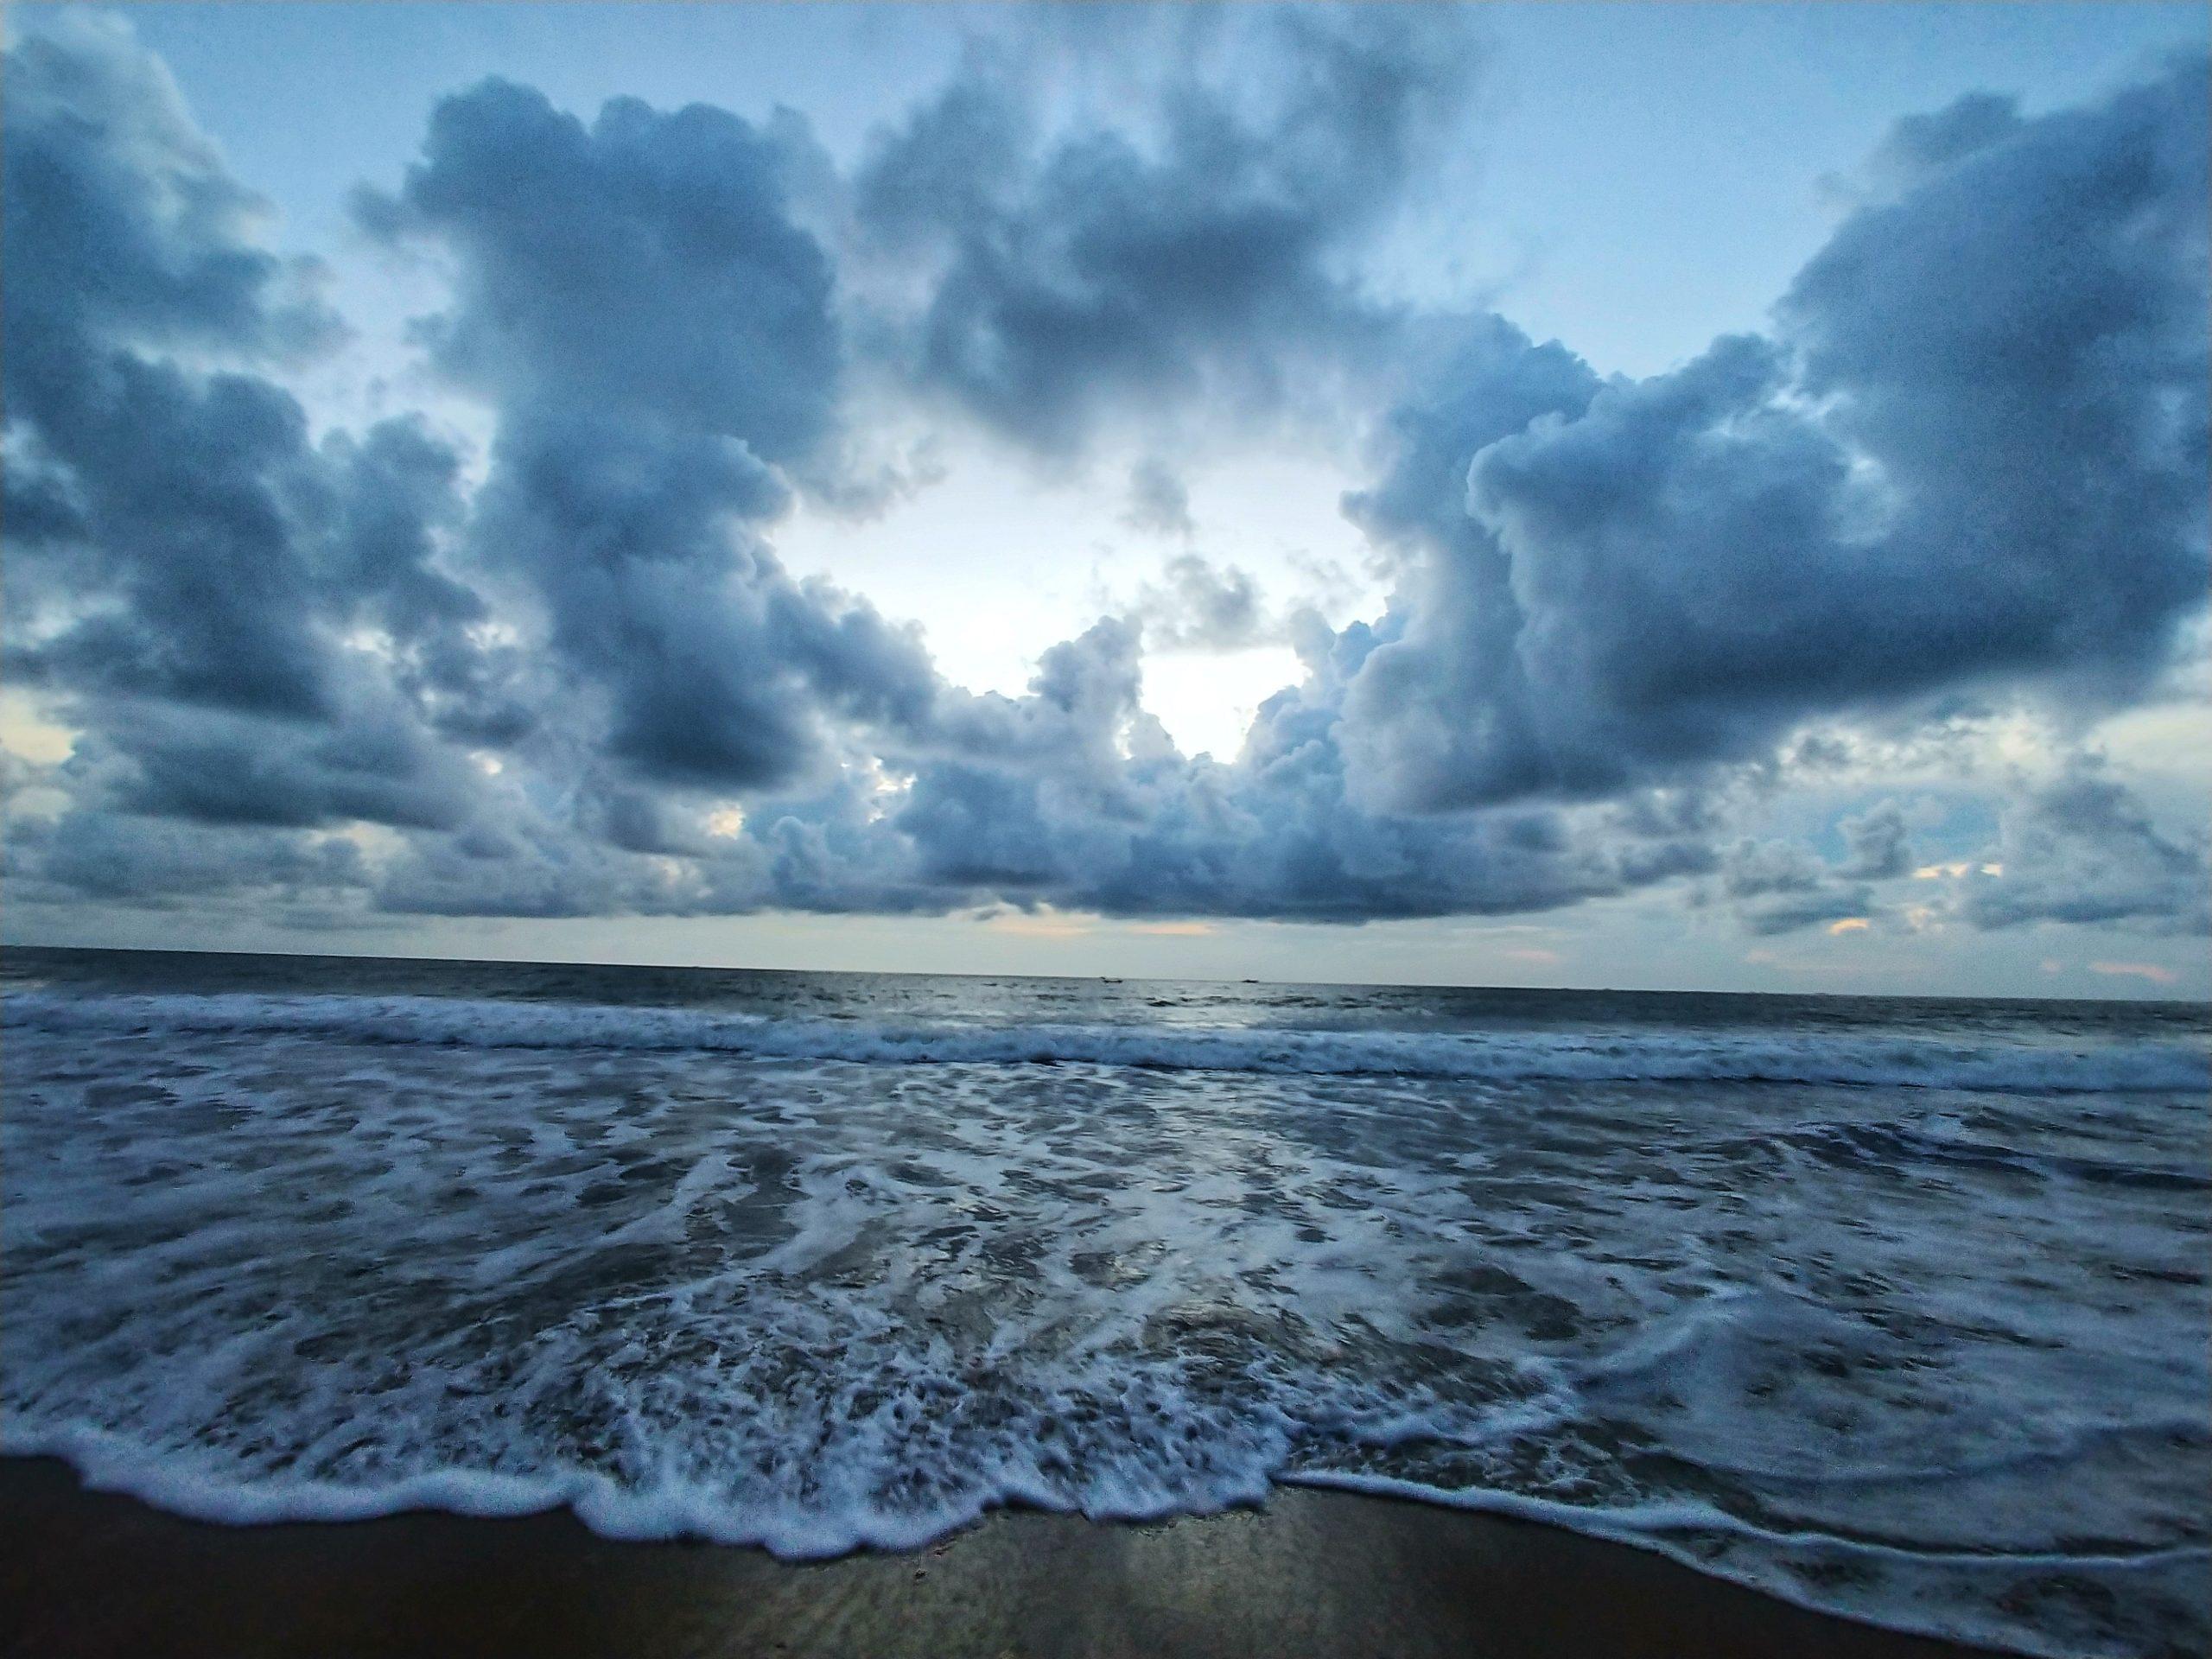 sea waves and sky